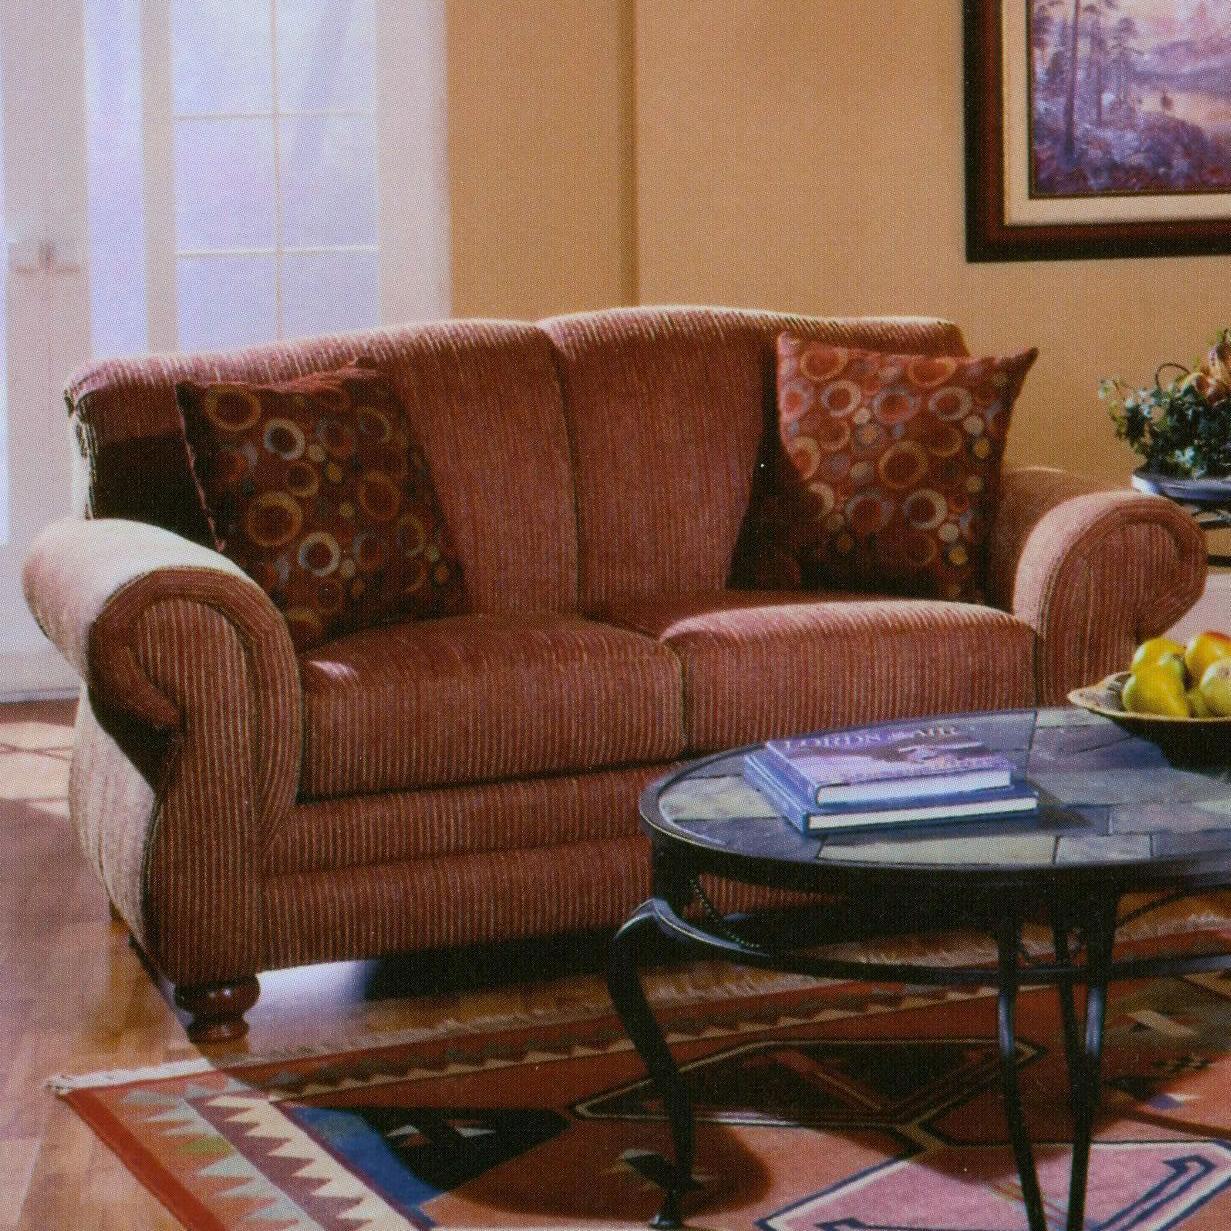 32 Loveseat by Lancer at Wayside Furniture